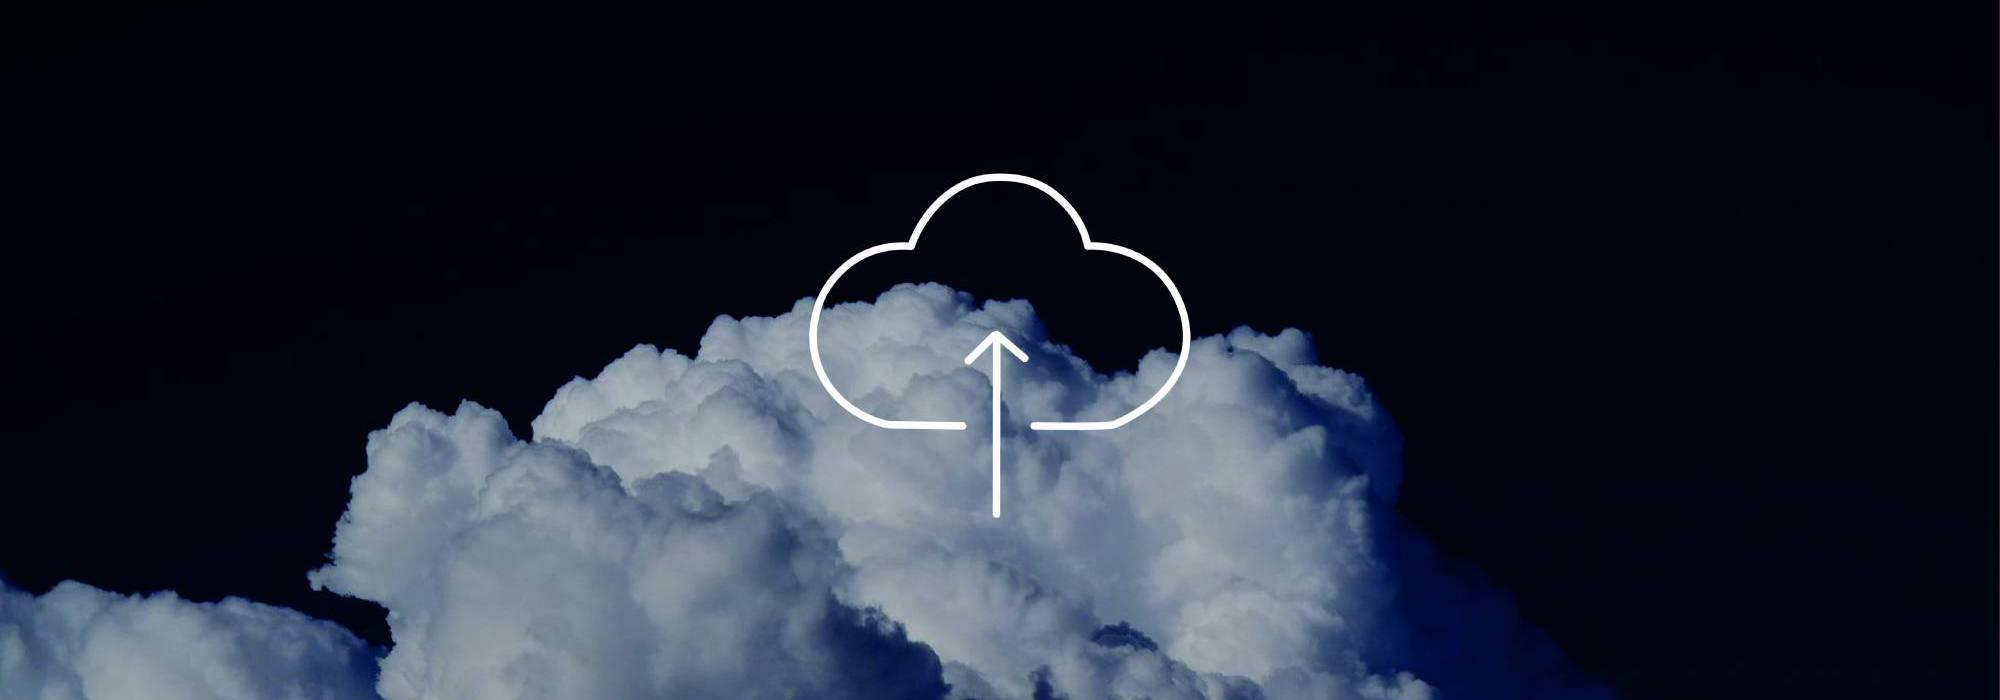 Cloud first æraen er NU